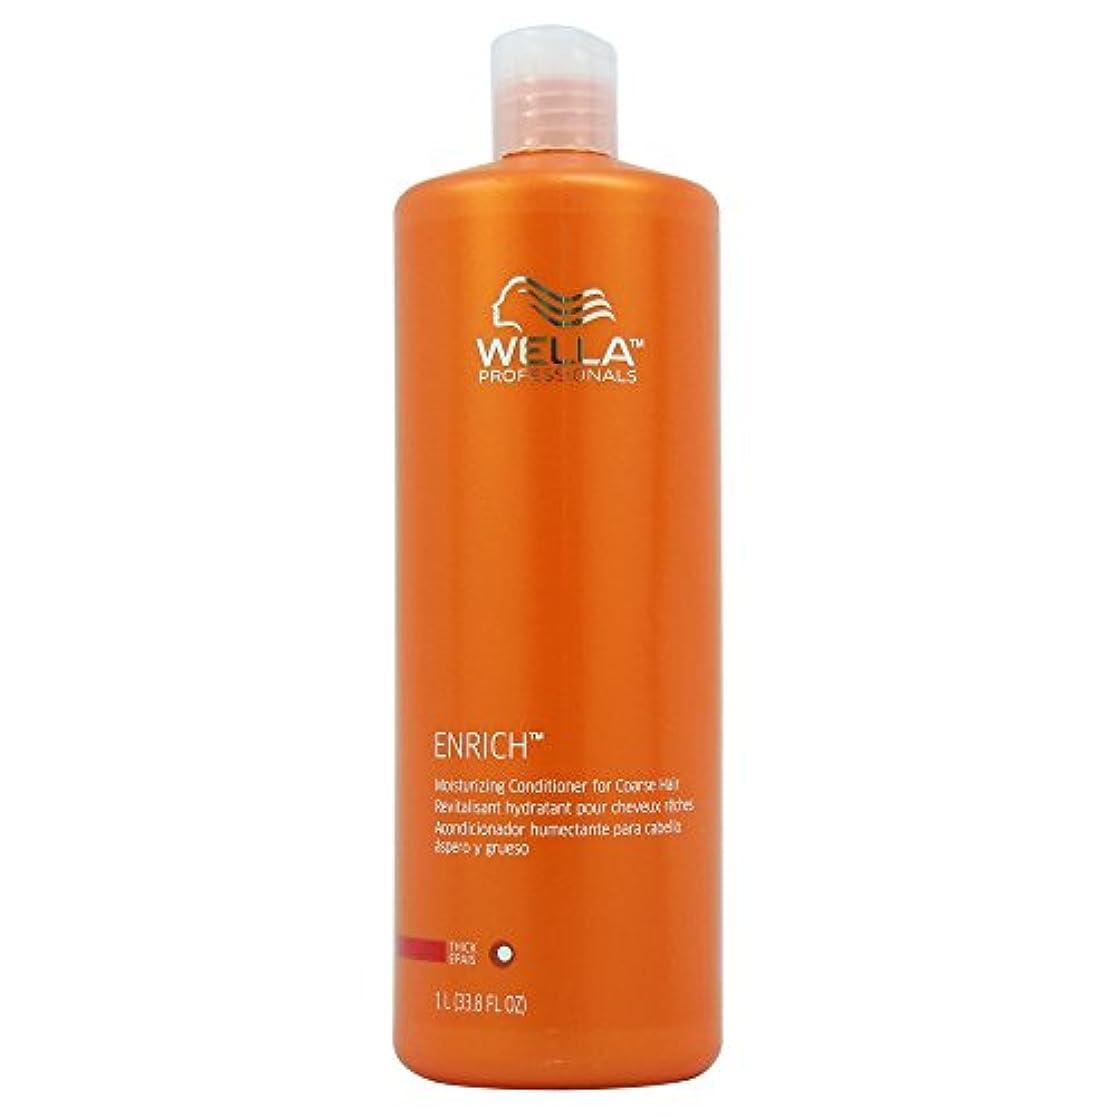 円形パイントフェロー諸島Wella Enriched Moisturizing Conditioner for Coarse Hair for Unisex, 33.8 Ounce by Wella